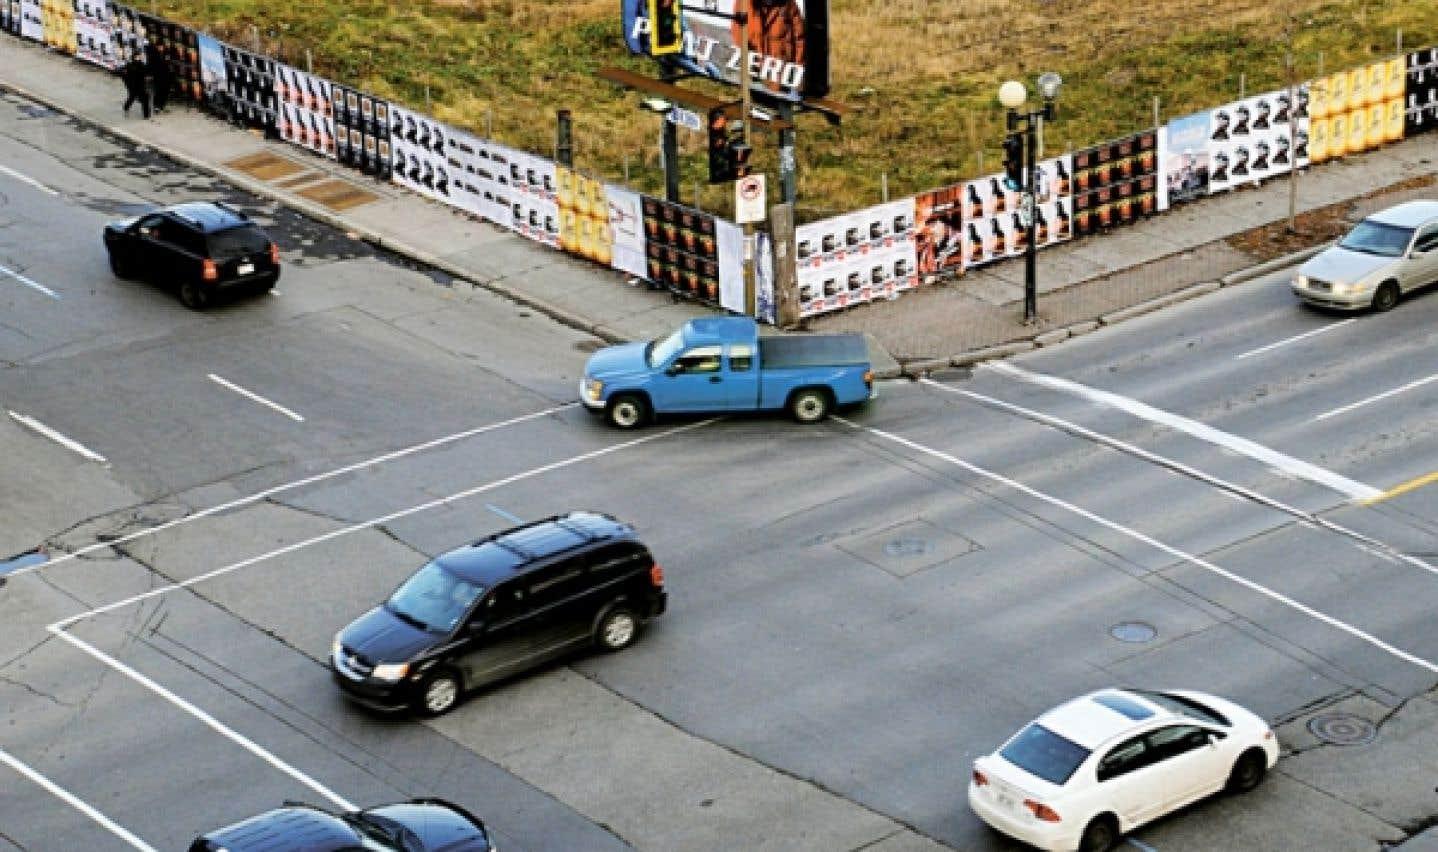 Publicité Sauvage se spécialise dans l'affichage de rue et tapisse, depuis un peu plus de 25 ans, les palissades des chantiers de construction de la ville ainsi que les murs intérieurs de certains commerces d'affiches à teneur artistique.